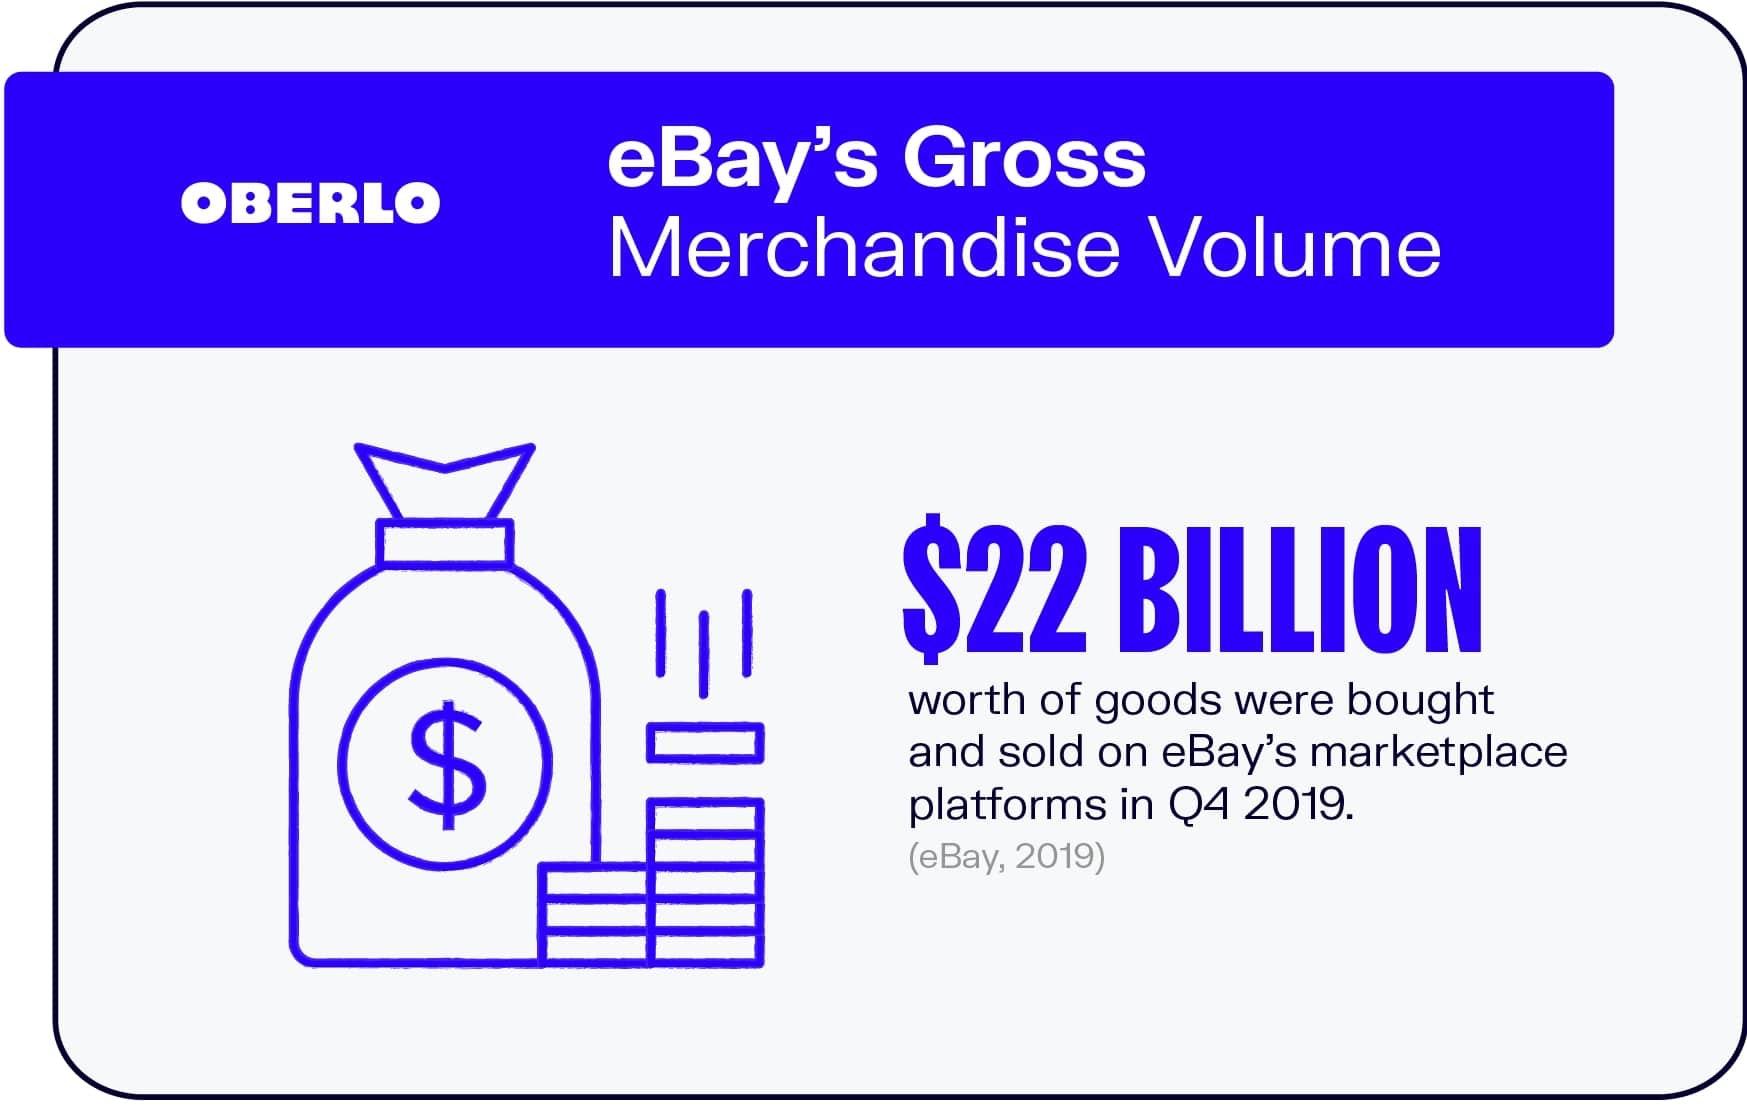 eBay's Gross Merchandise Volume